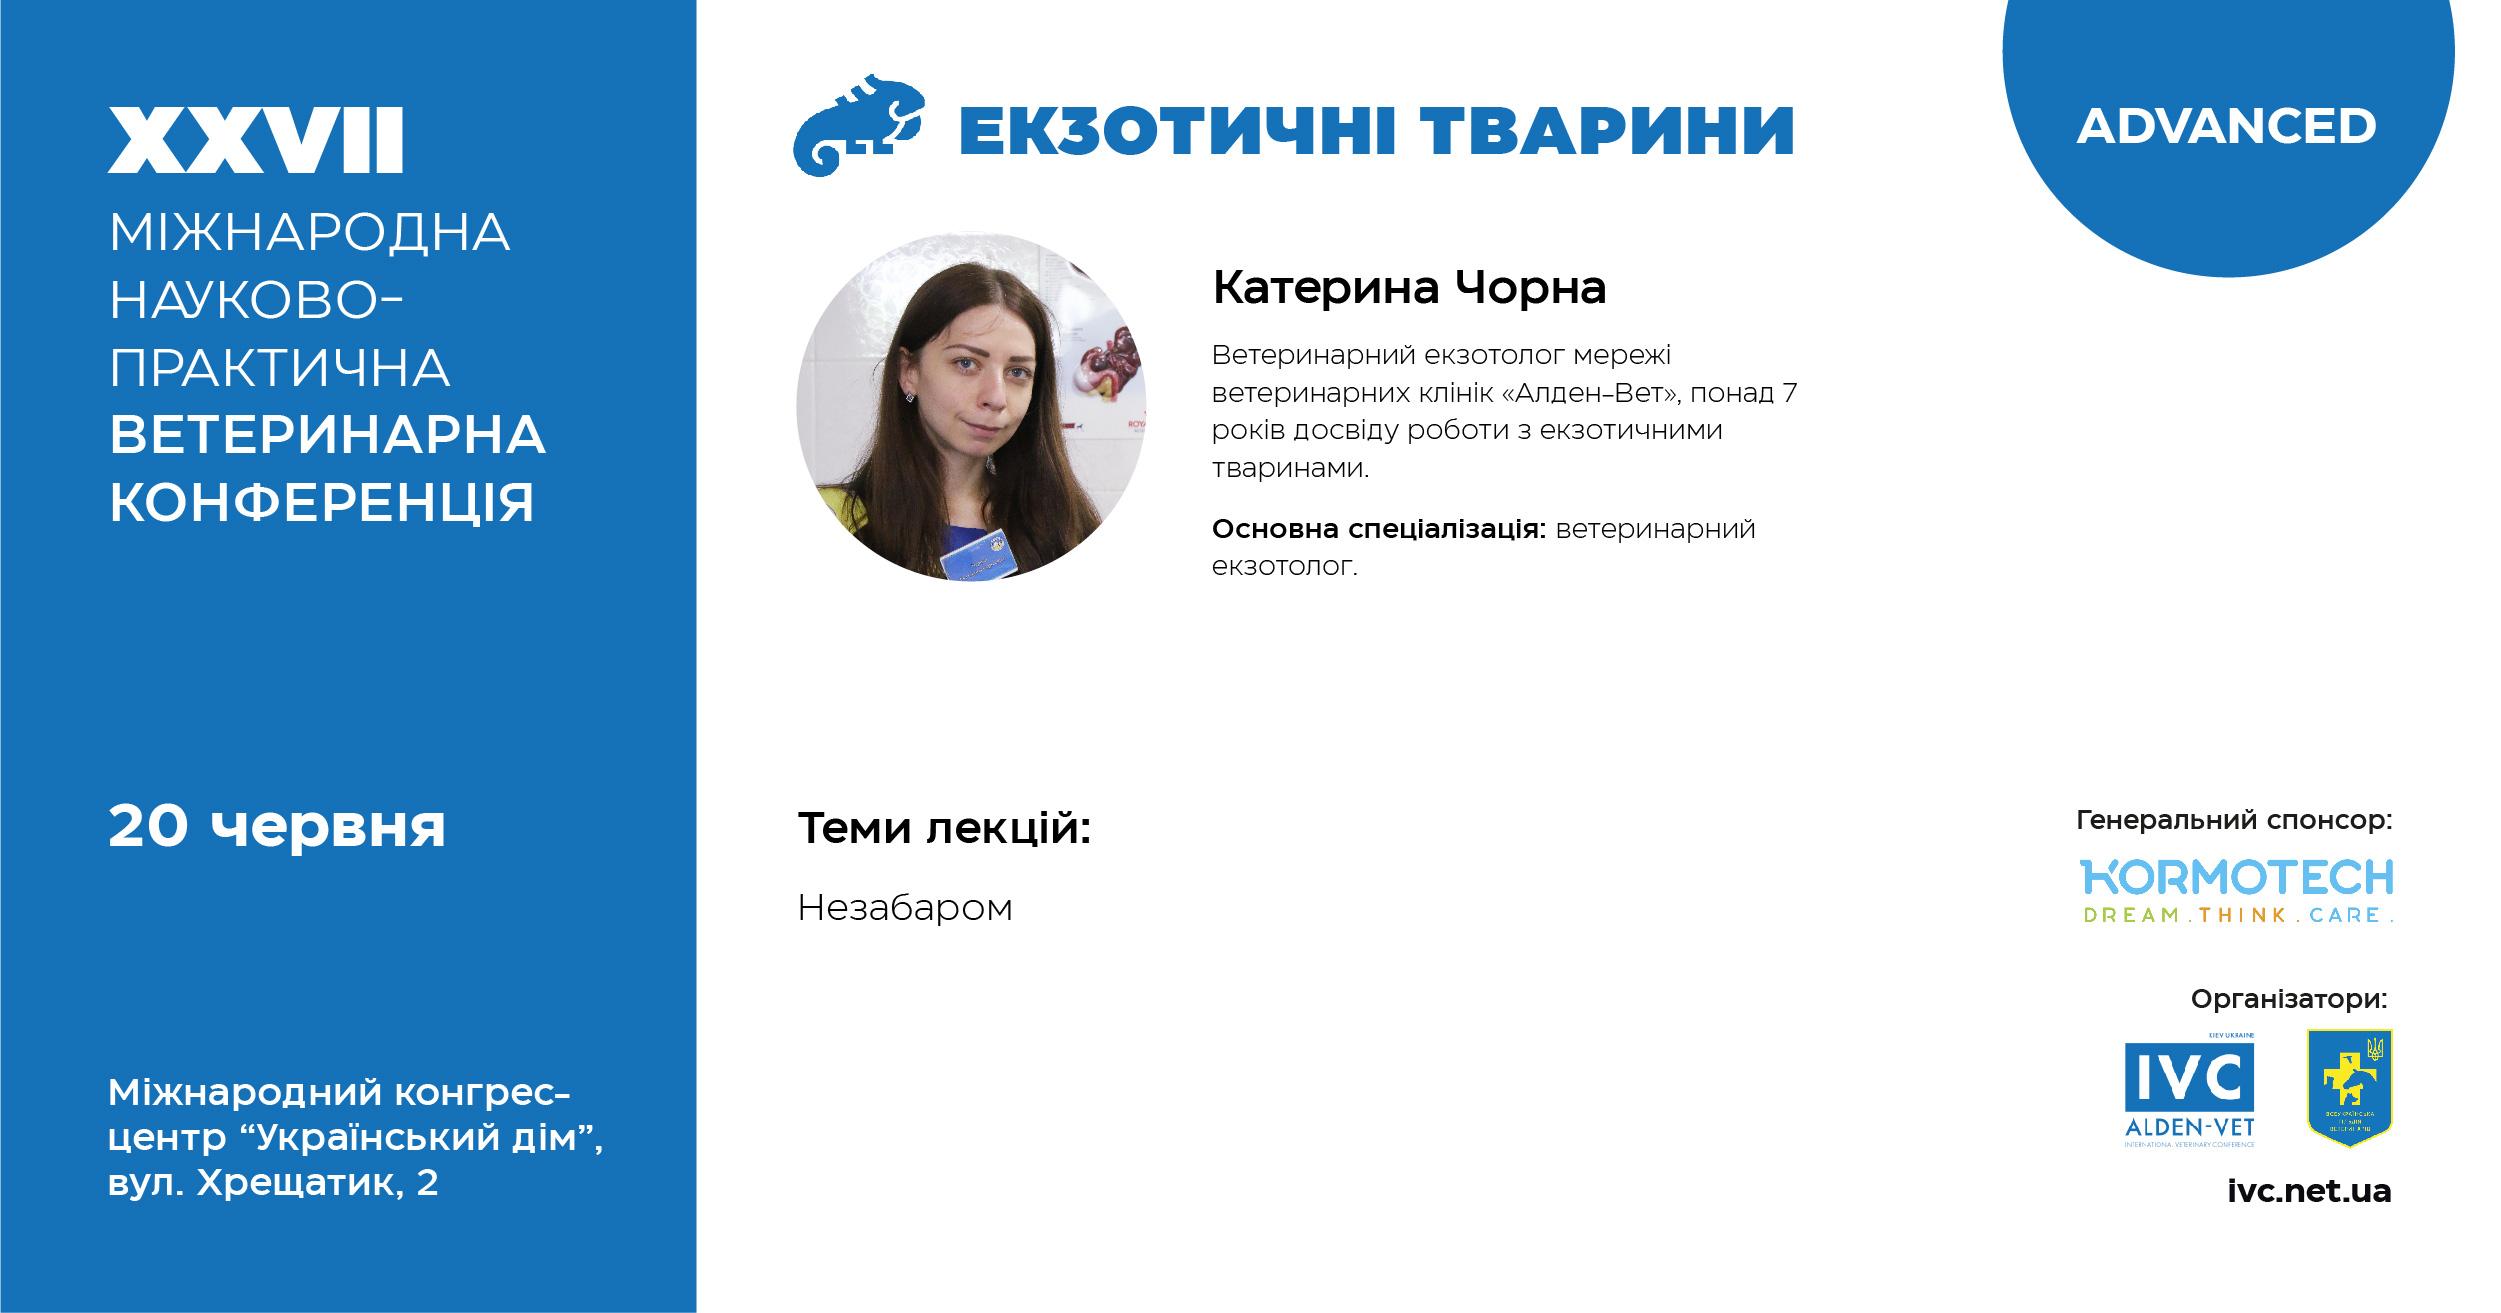 Катерина Чорна